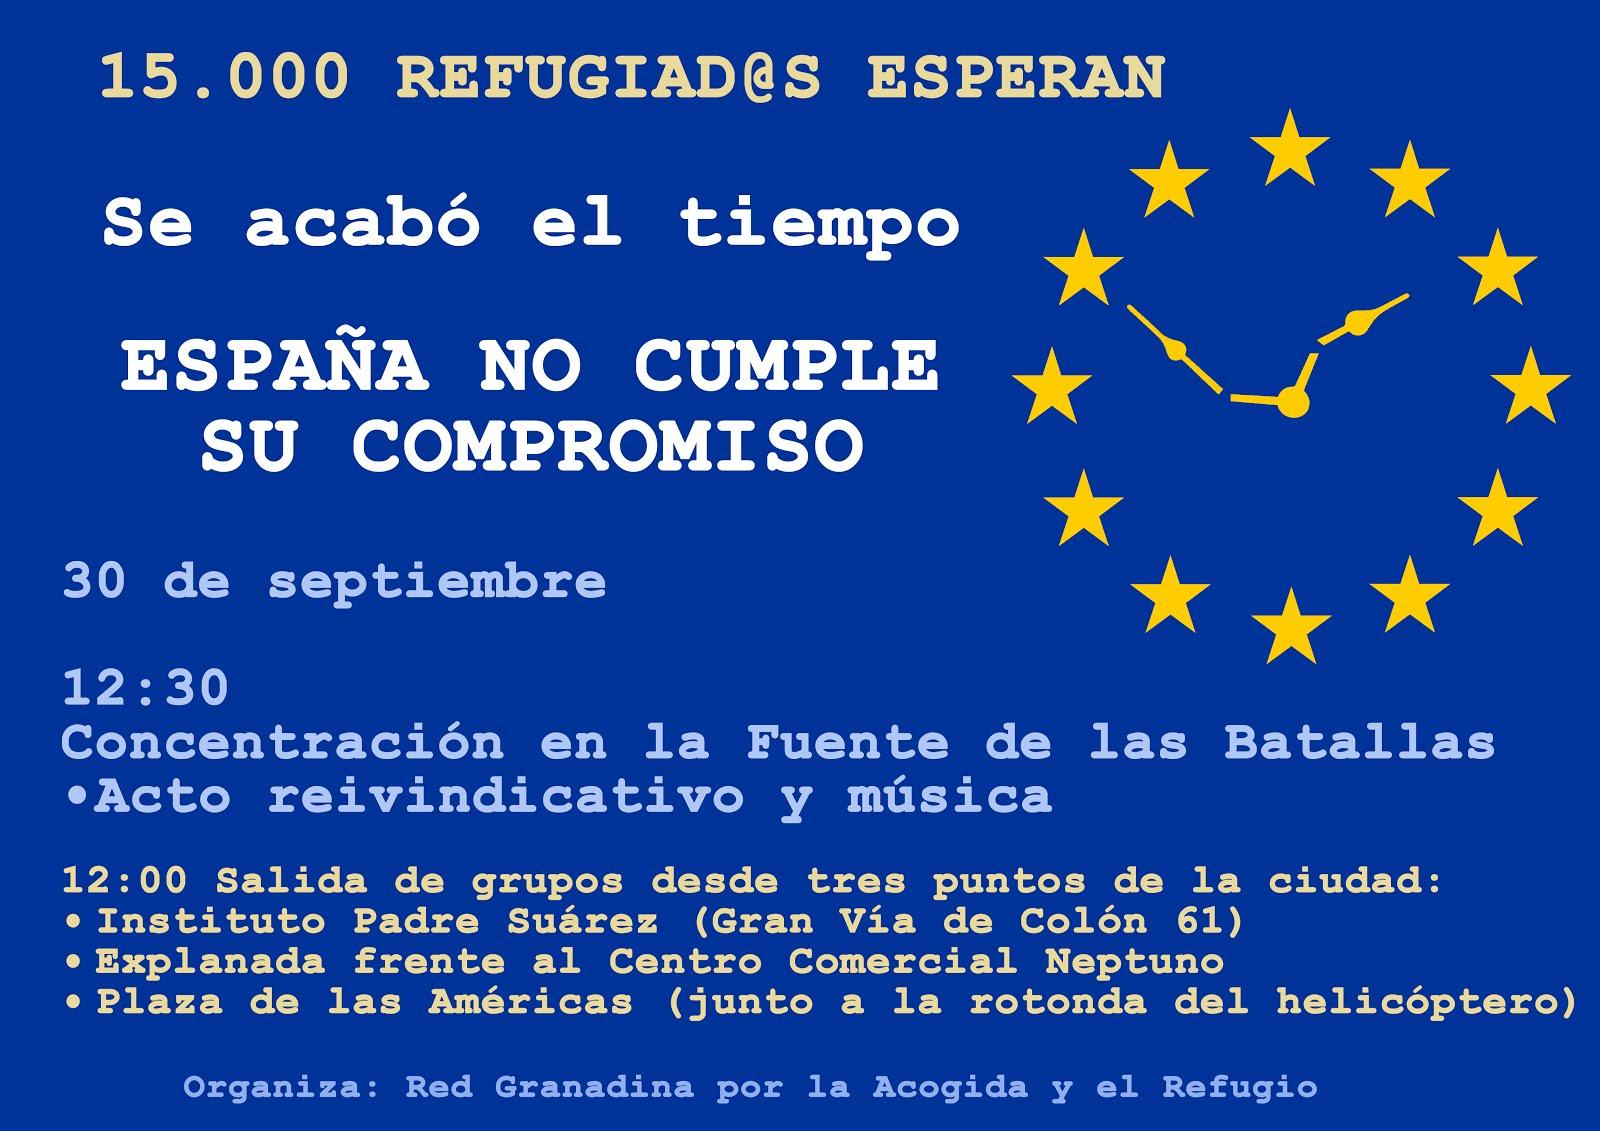 30 Septiembre, 12.30H CONCENTRACIÓN en GRANADA. Fuente de las Batallas.